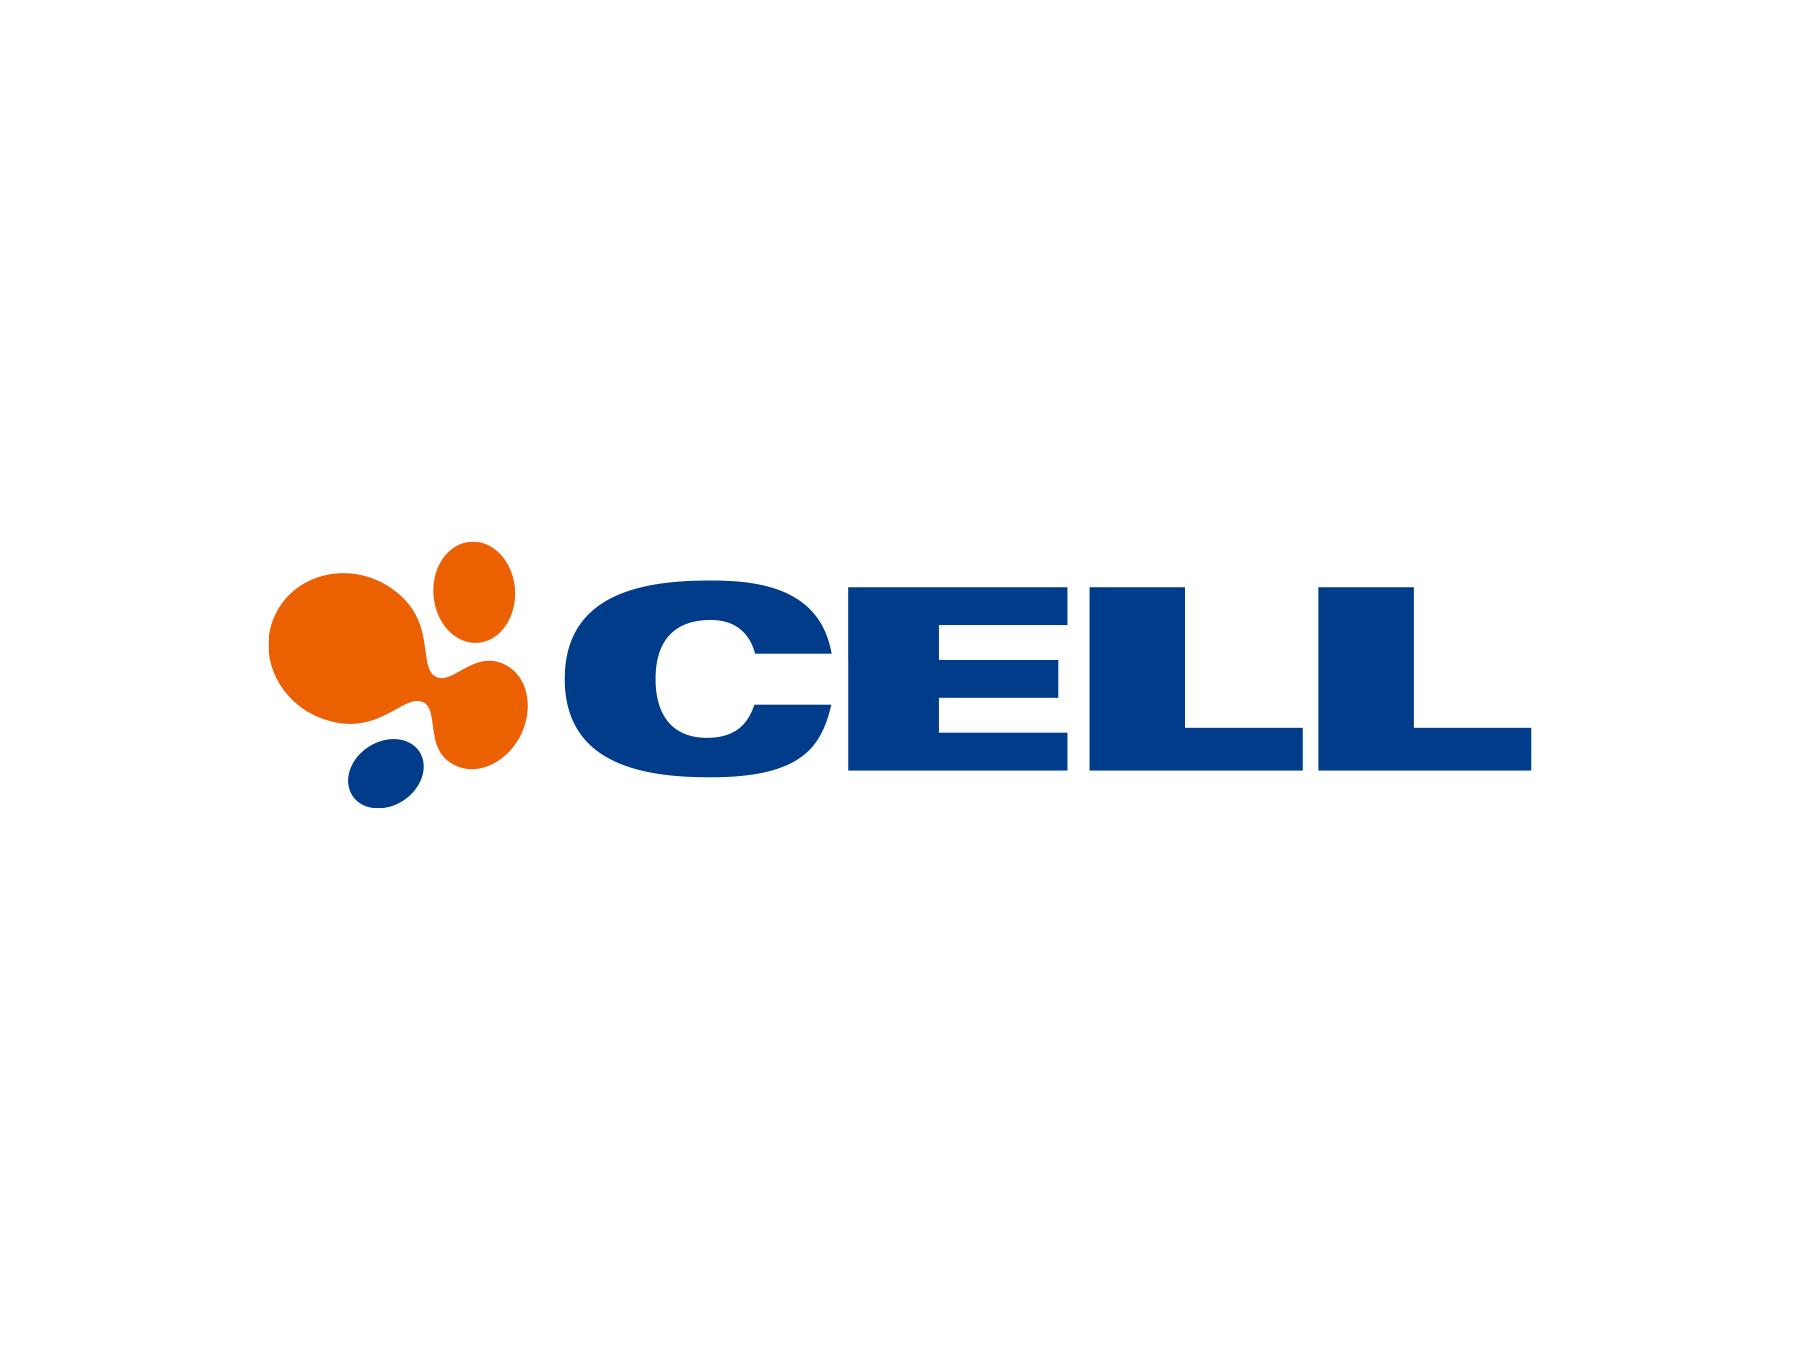 株式会社CELL(現株式会社ドワンゴ内部門)コーポレートロゴマーク